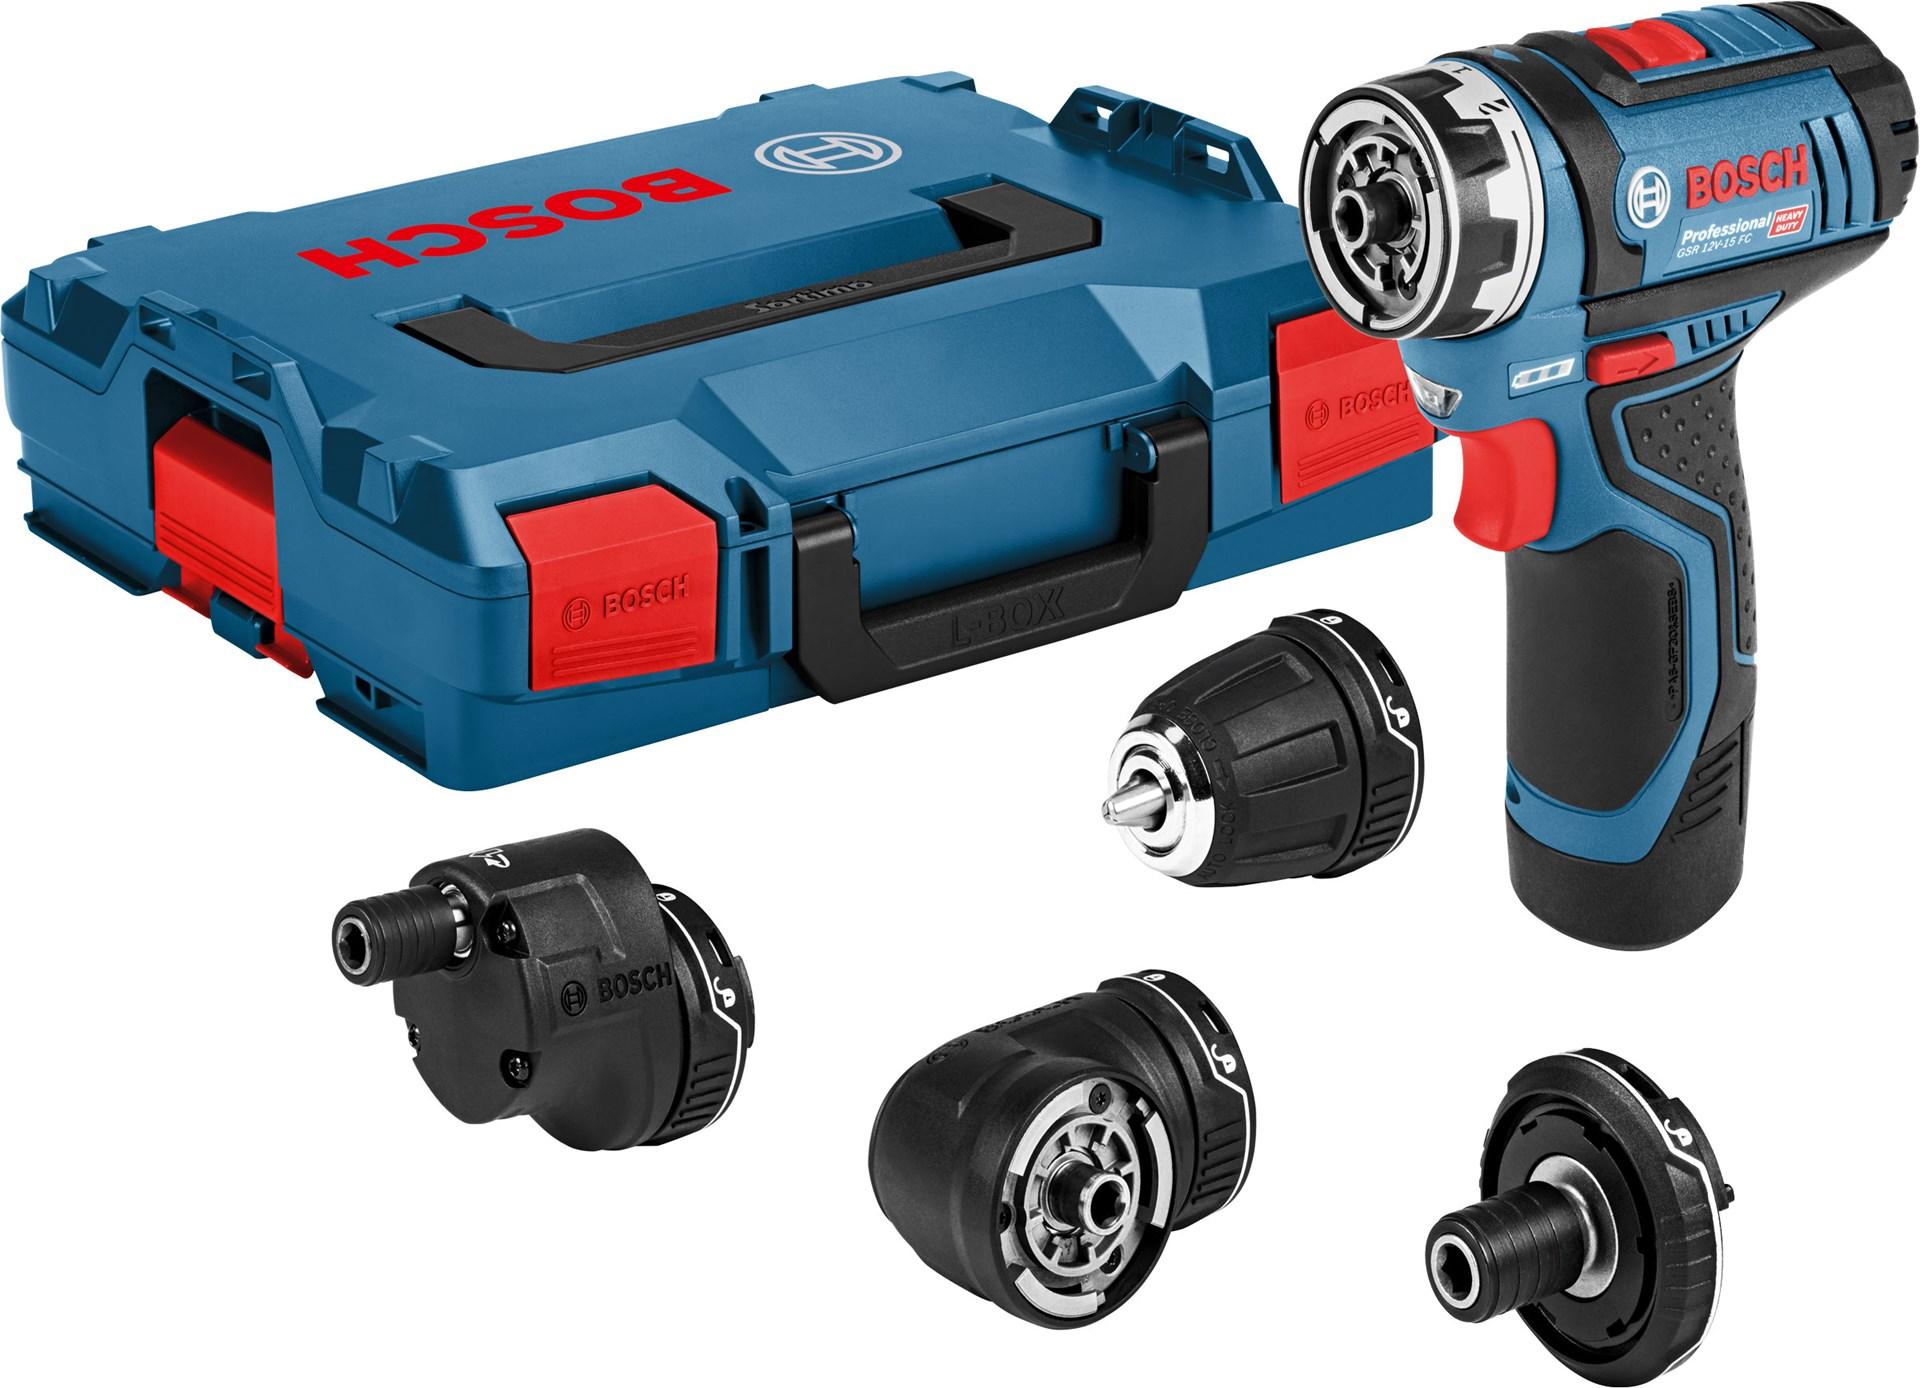 Bosch Professional GSR 12V-15 FC FlexiClick Professional inkl acces. -  Kompakt 12 V borrskruvdragare inkl stort tillbehörspaket db3abfbc71b9d